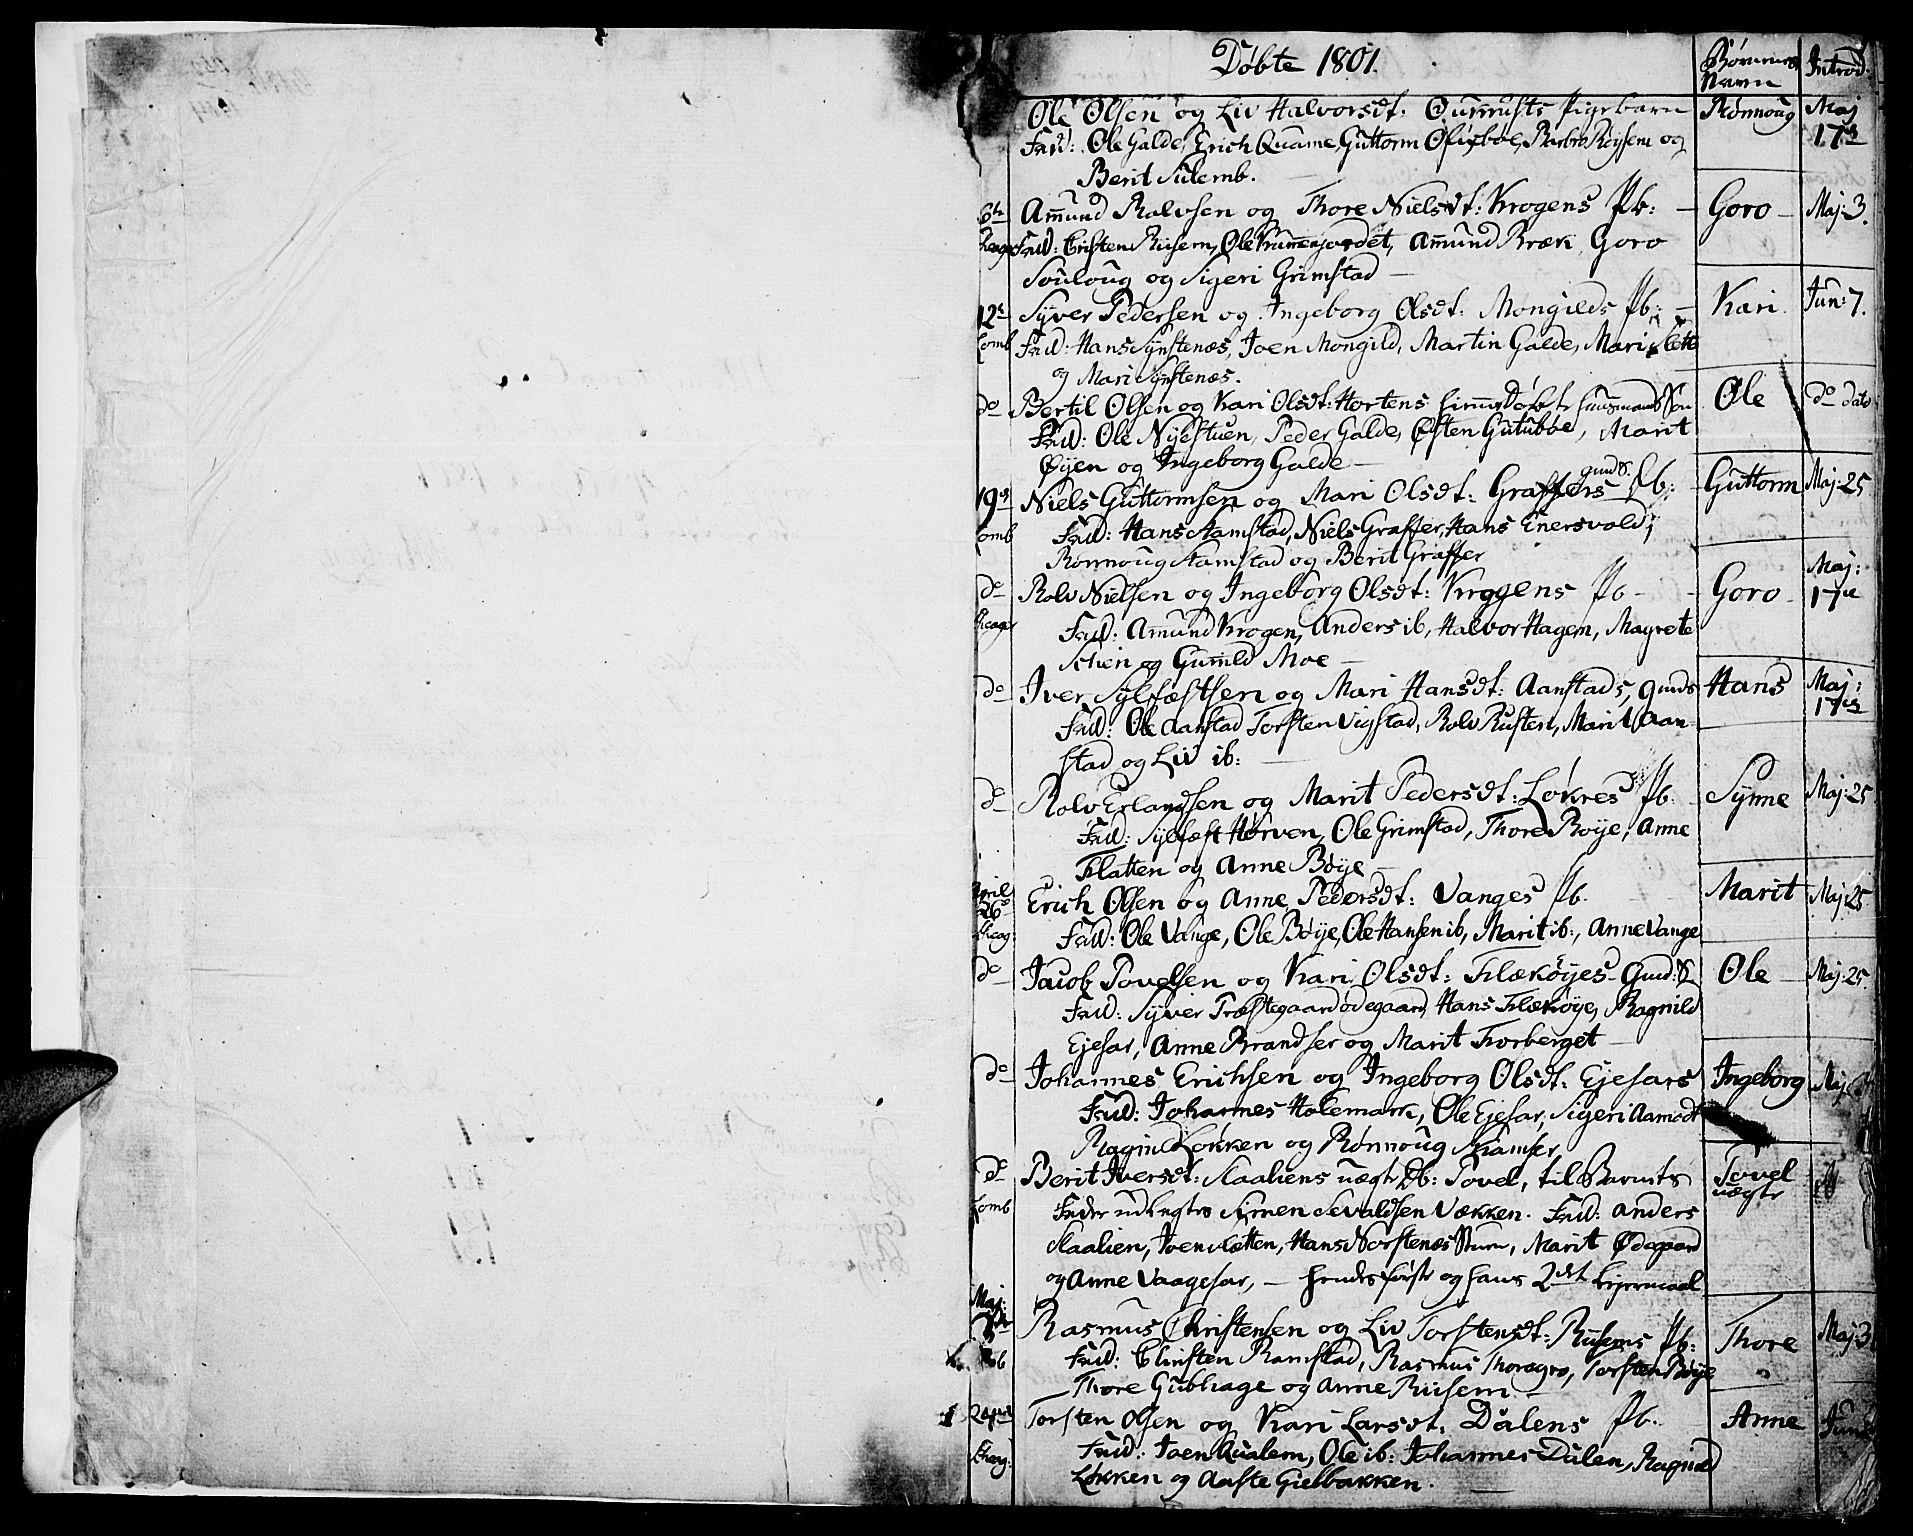 SAH, Lom prestekontor, K/L0003: Ministerialbok nr. 3, 1801-1825, s. 1